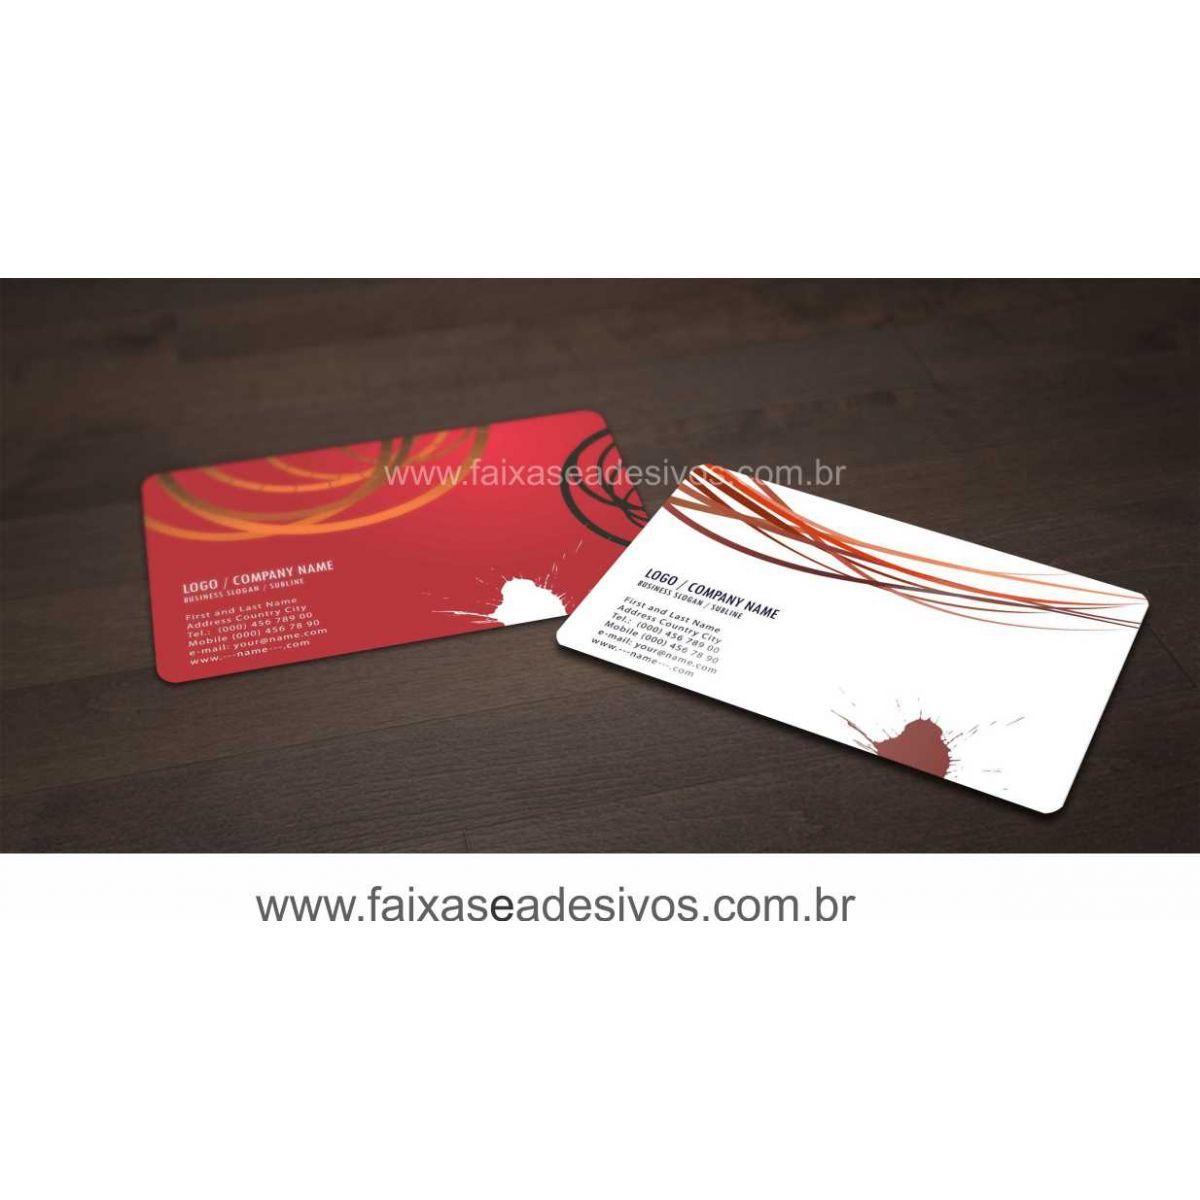 017G - Cartão de Visita 4x4 cor - Laminação Fosca - Cantos arredondados  - Fac Signs